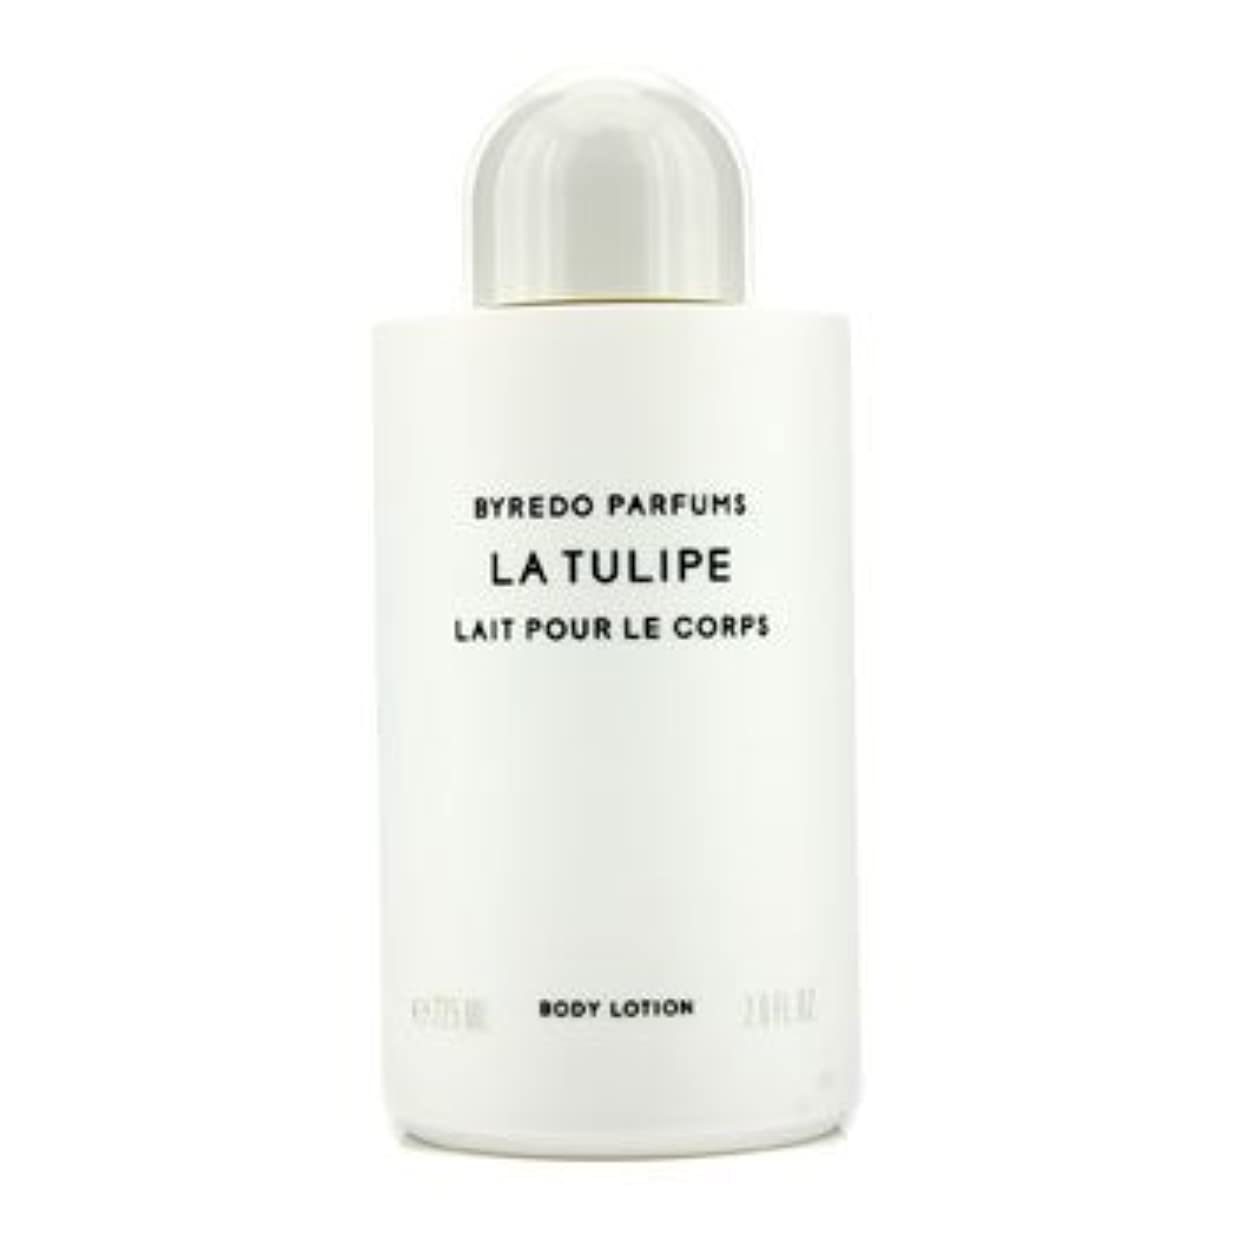 裁判官煙突ベッドByredo La Tulipe Body Lotion For Women 225Ml/7.6Oz by Byredo [並行輸入品]